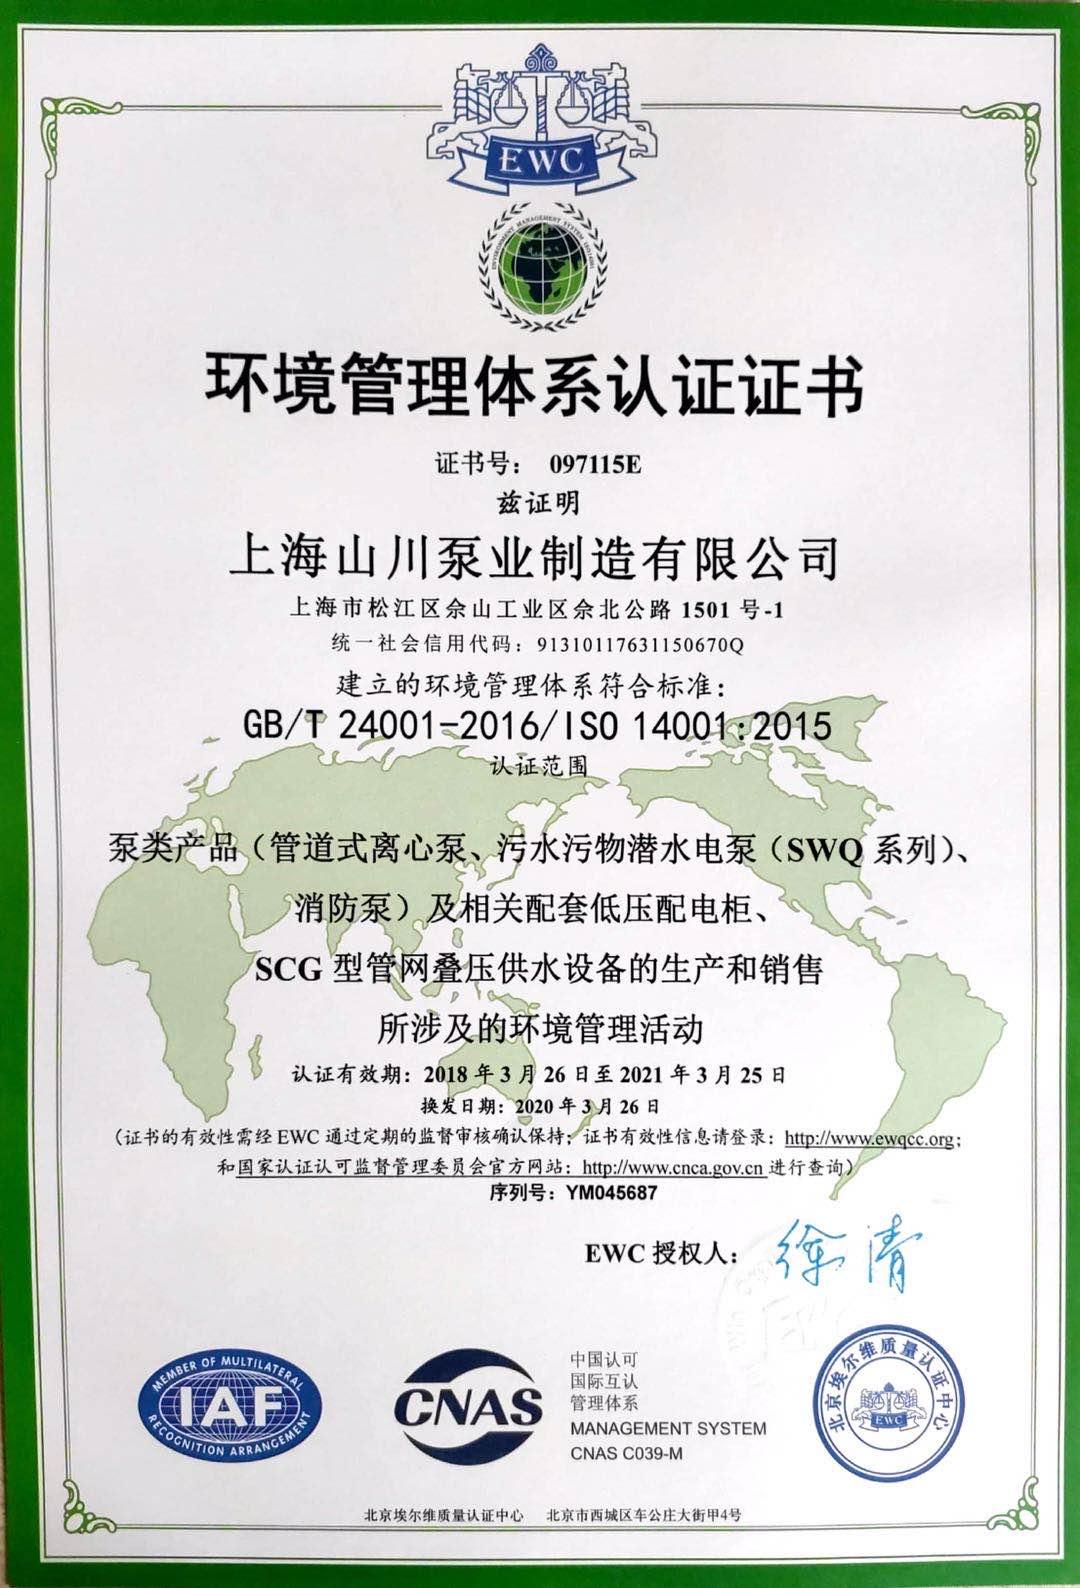 上海山川泵業制造有限公司 環境管理體系認證證書